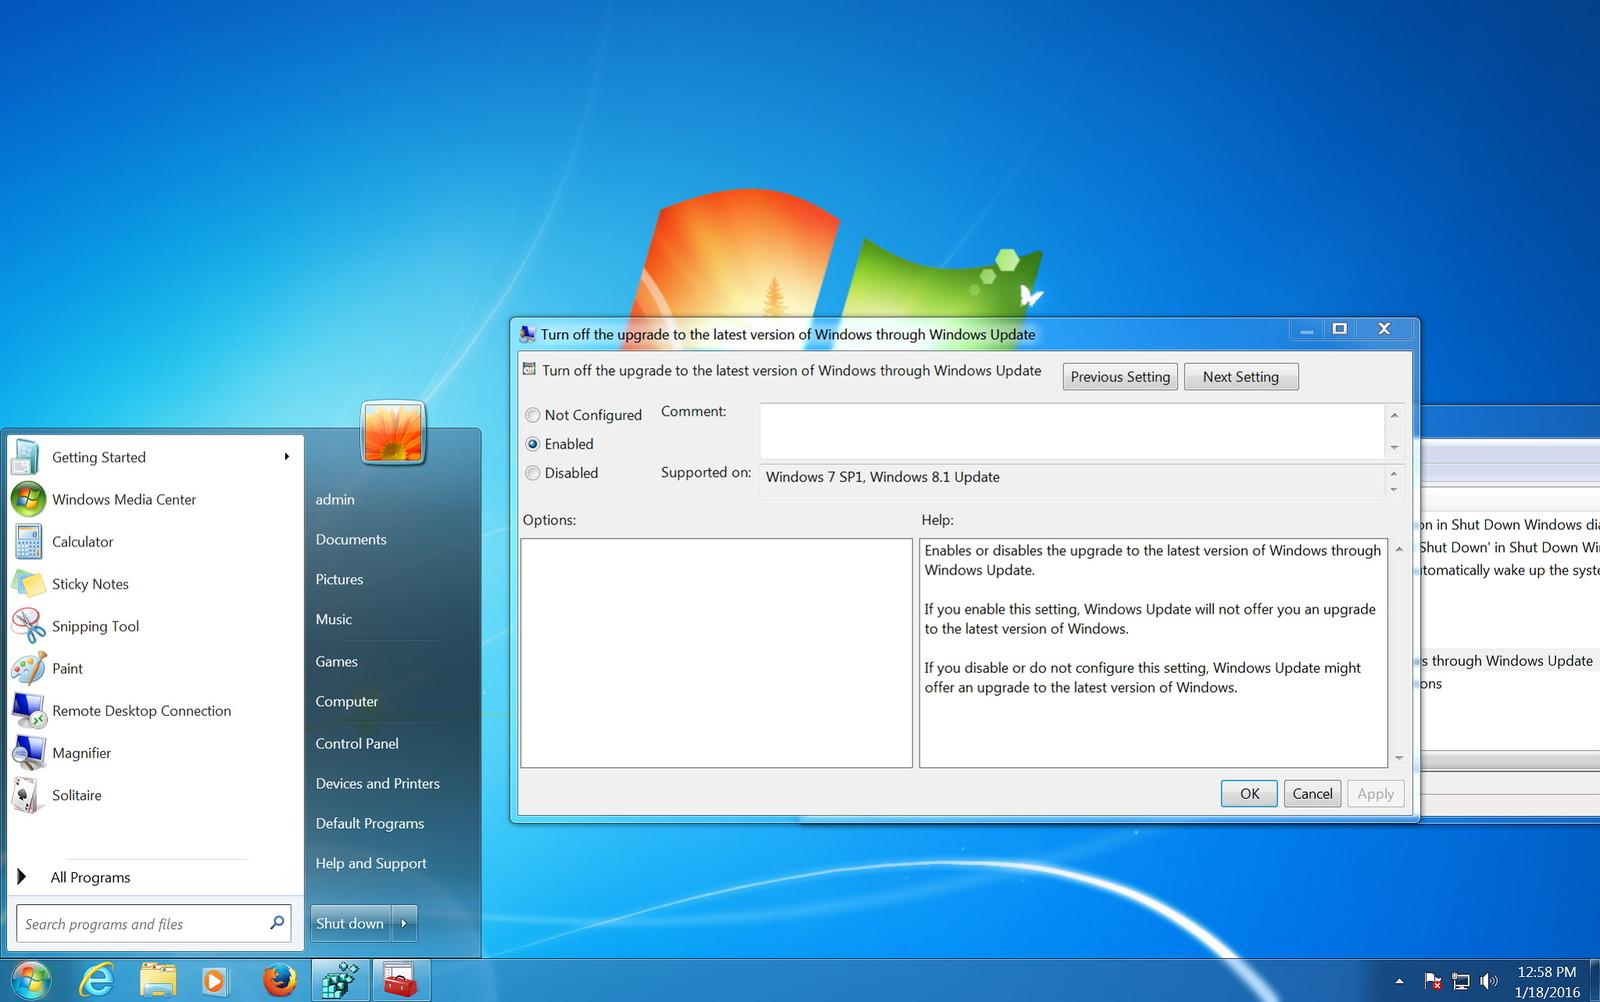 Windows 7, actualizaciones y recopilación de datos: vuelve la polémica 32